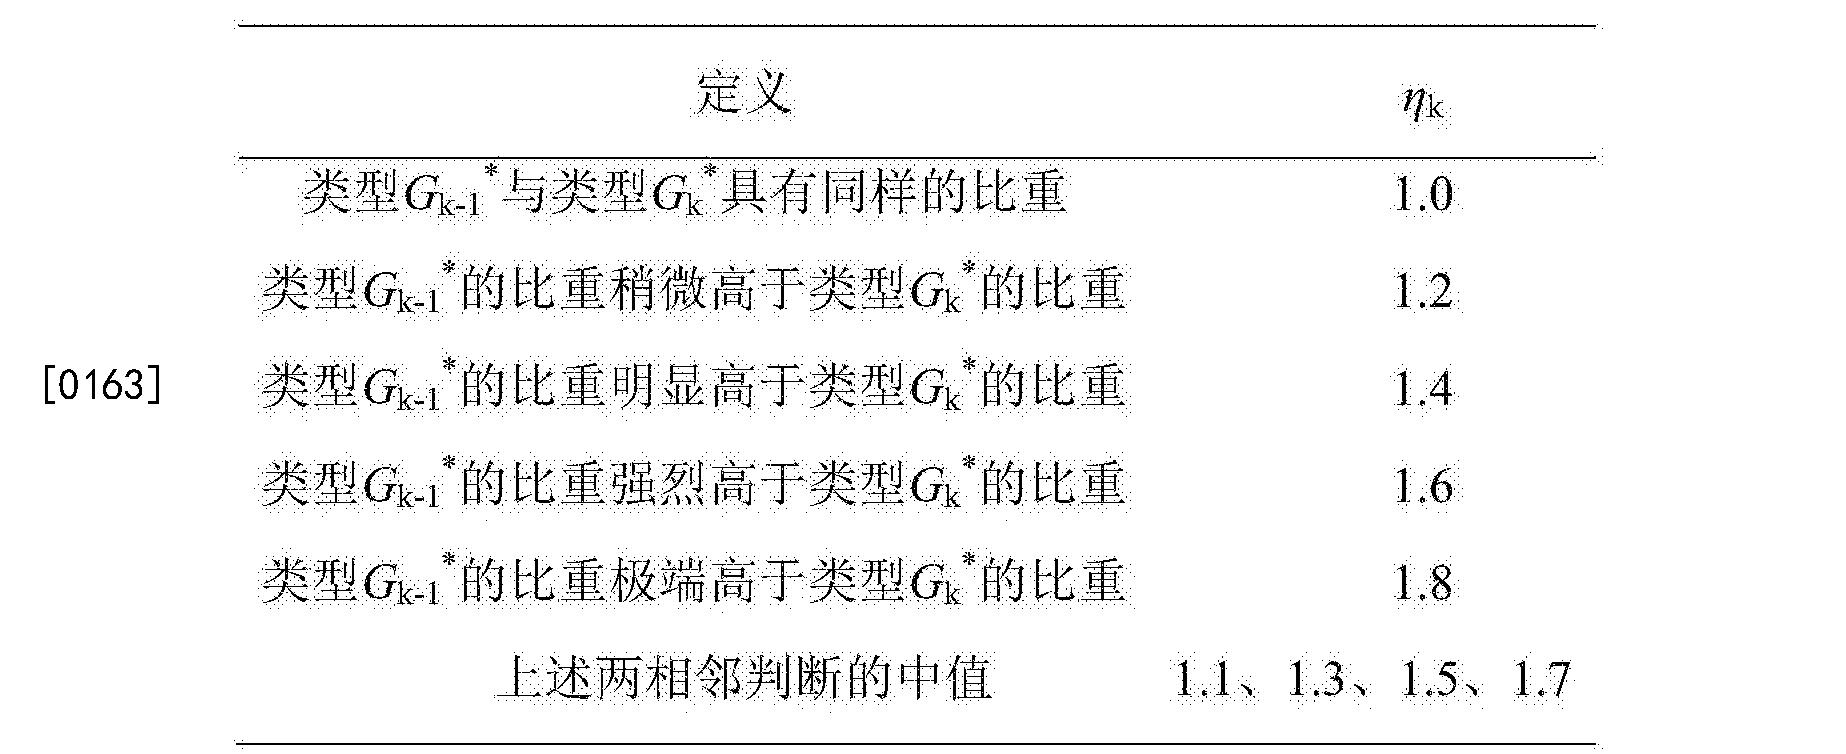 Figure CN105550499BD00242